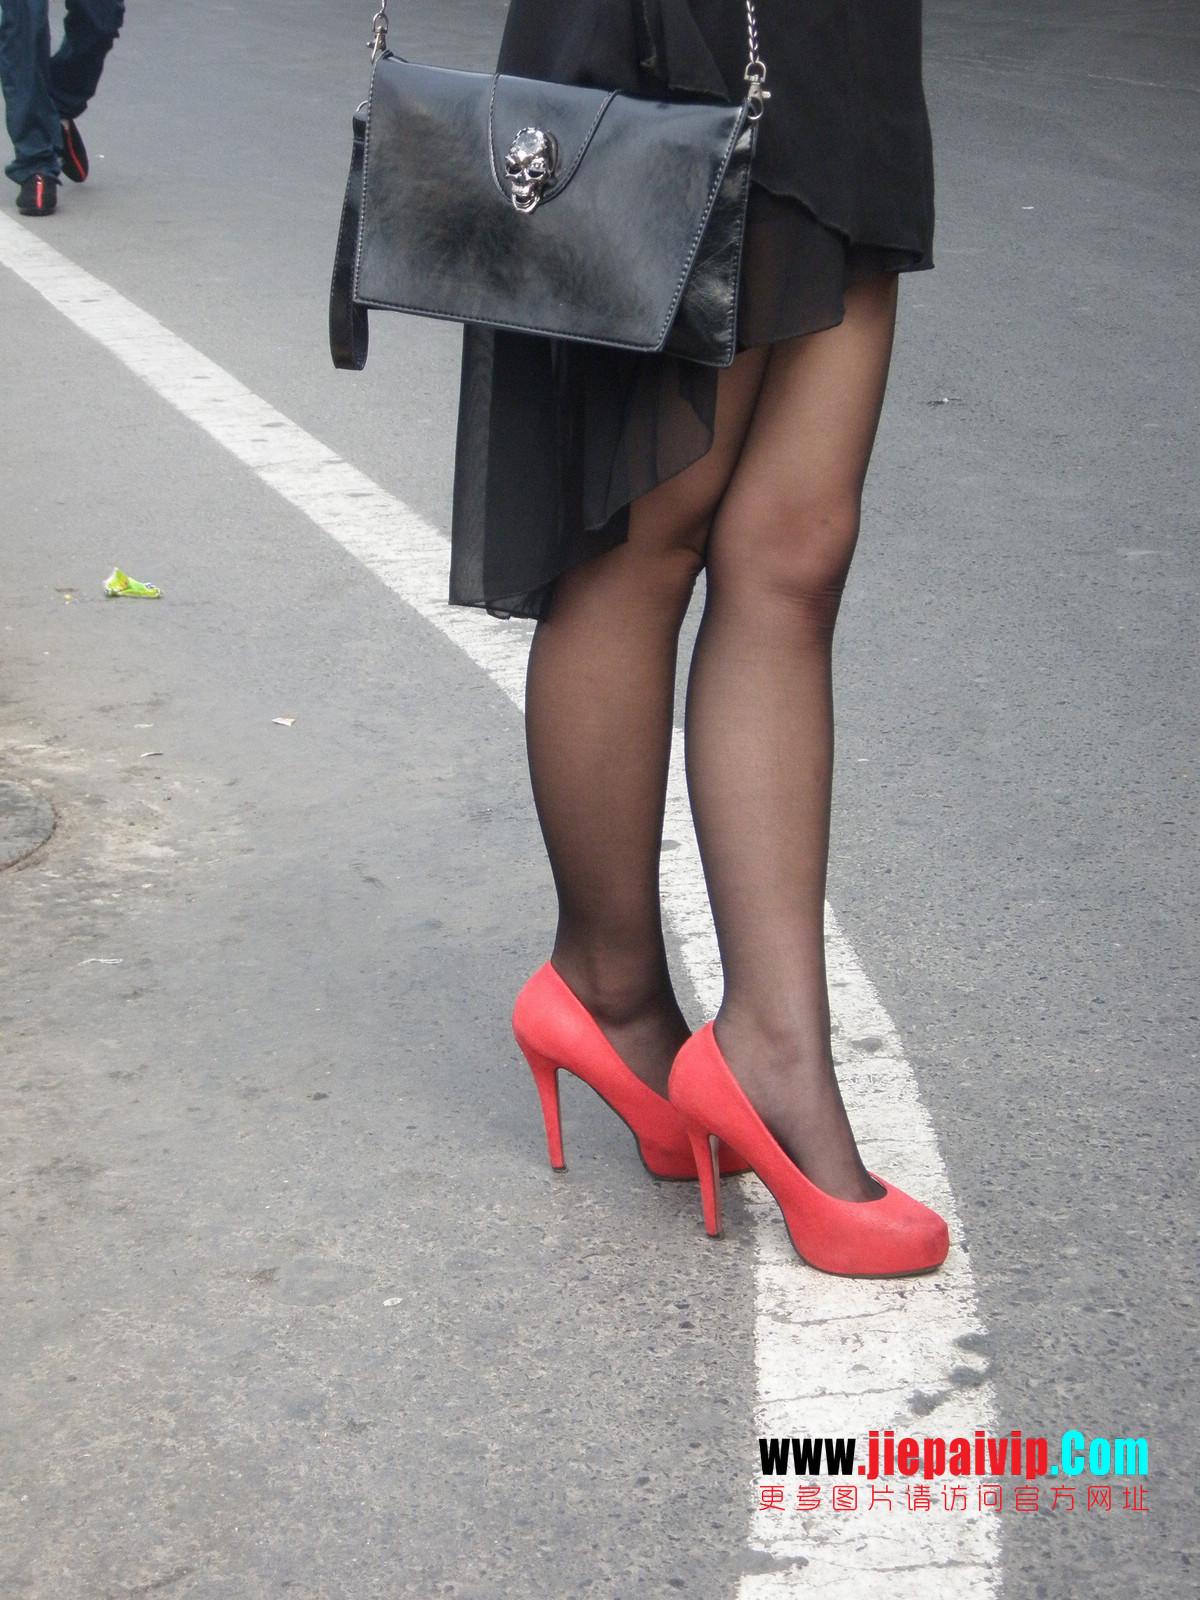 性感的红色高跟鞋黑丝袜美腿女人13